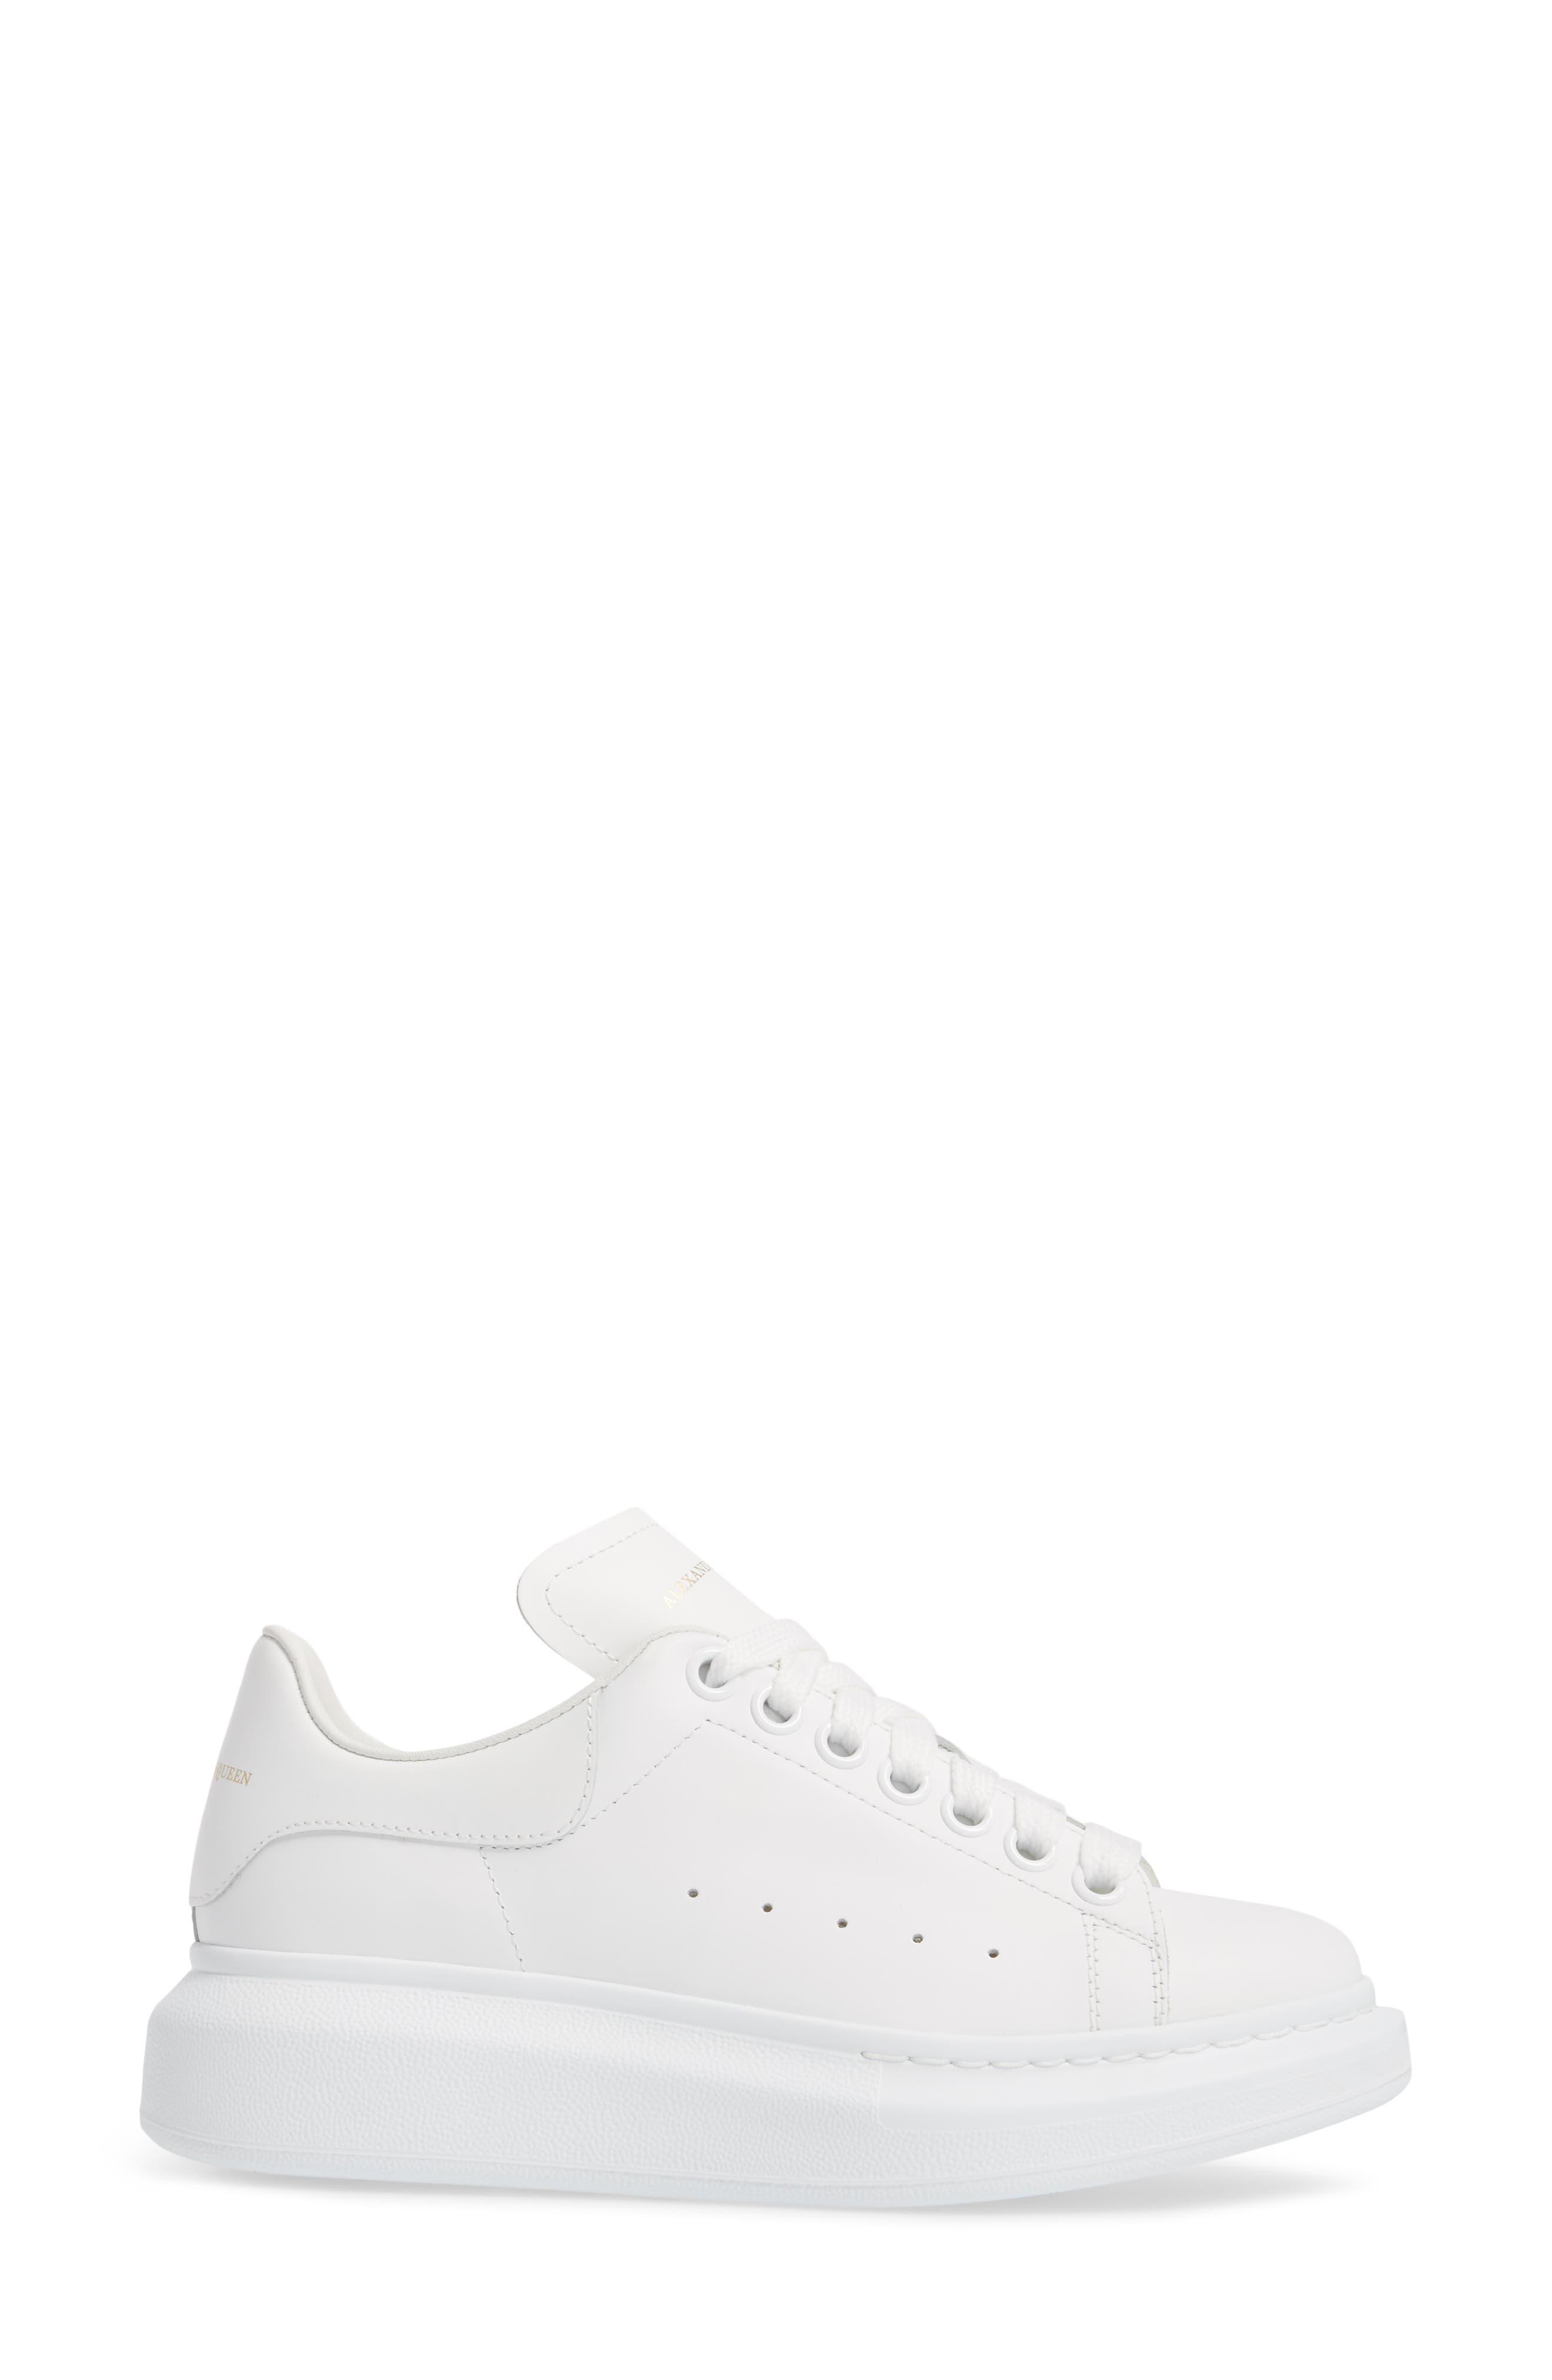 ALEXANDER MCQUEEN,                             Sneaker,                             Alternate thumbnail 3, color,                             WHITE/ WHITE